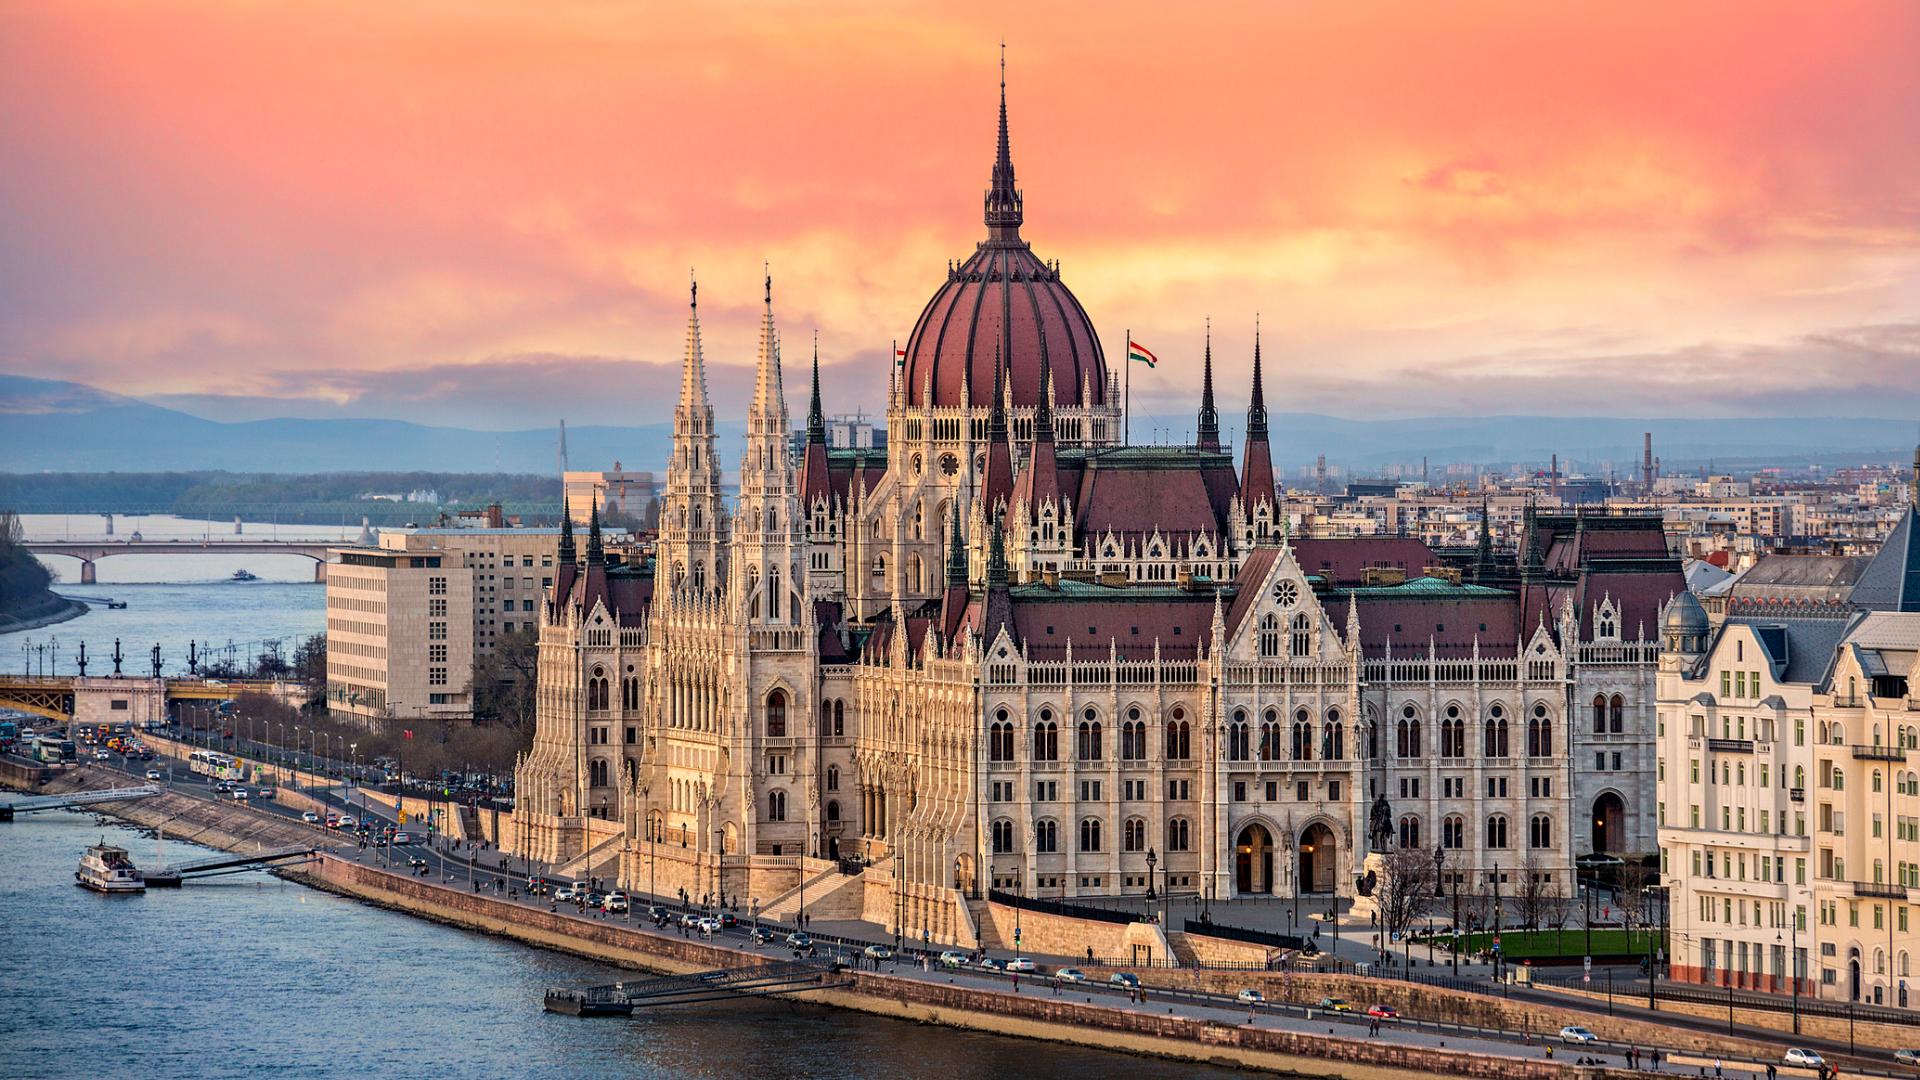 O țară vecină României schimbă regulile de călătorie